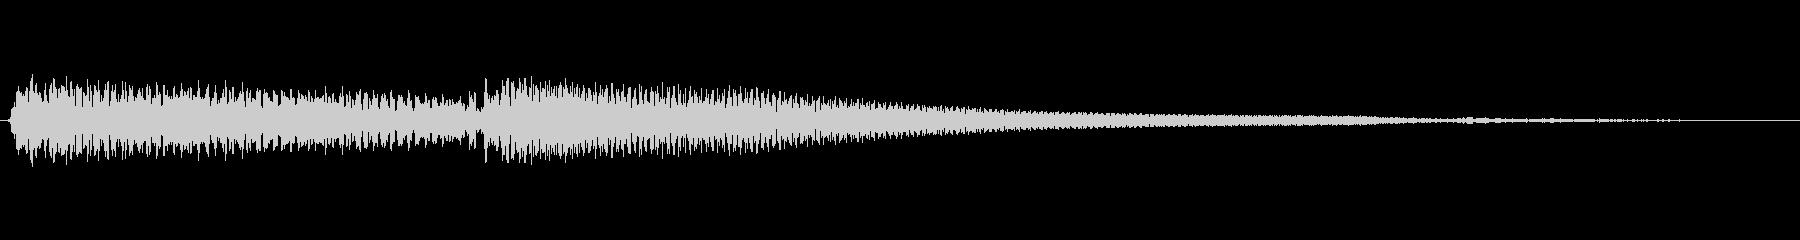 幻想的なピアノの転換音の未再生の波形